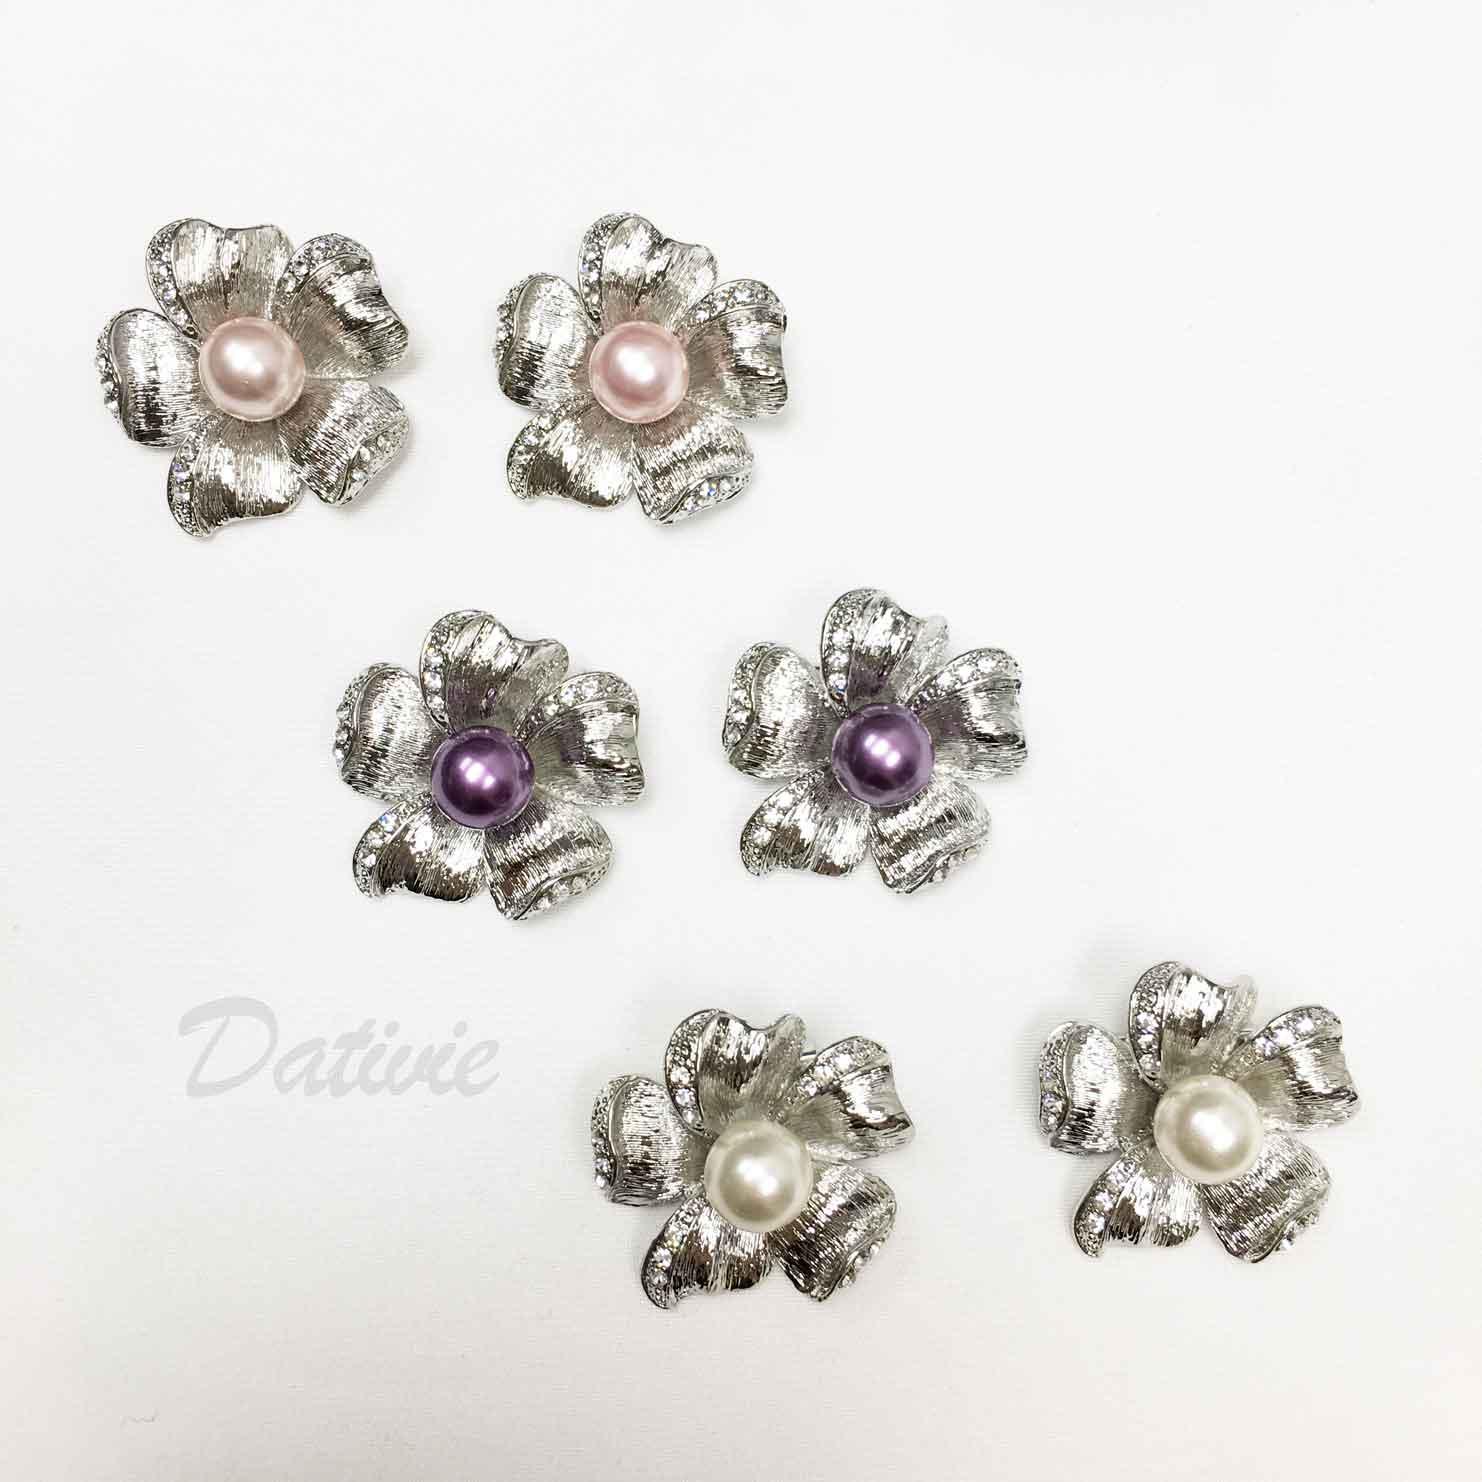 花朵 花紋 紋路 珍珠 水鑽 三色 二入一組 胸針